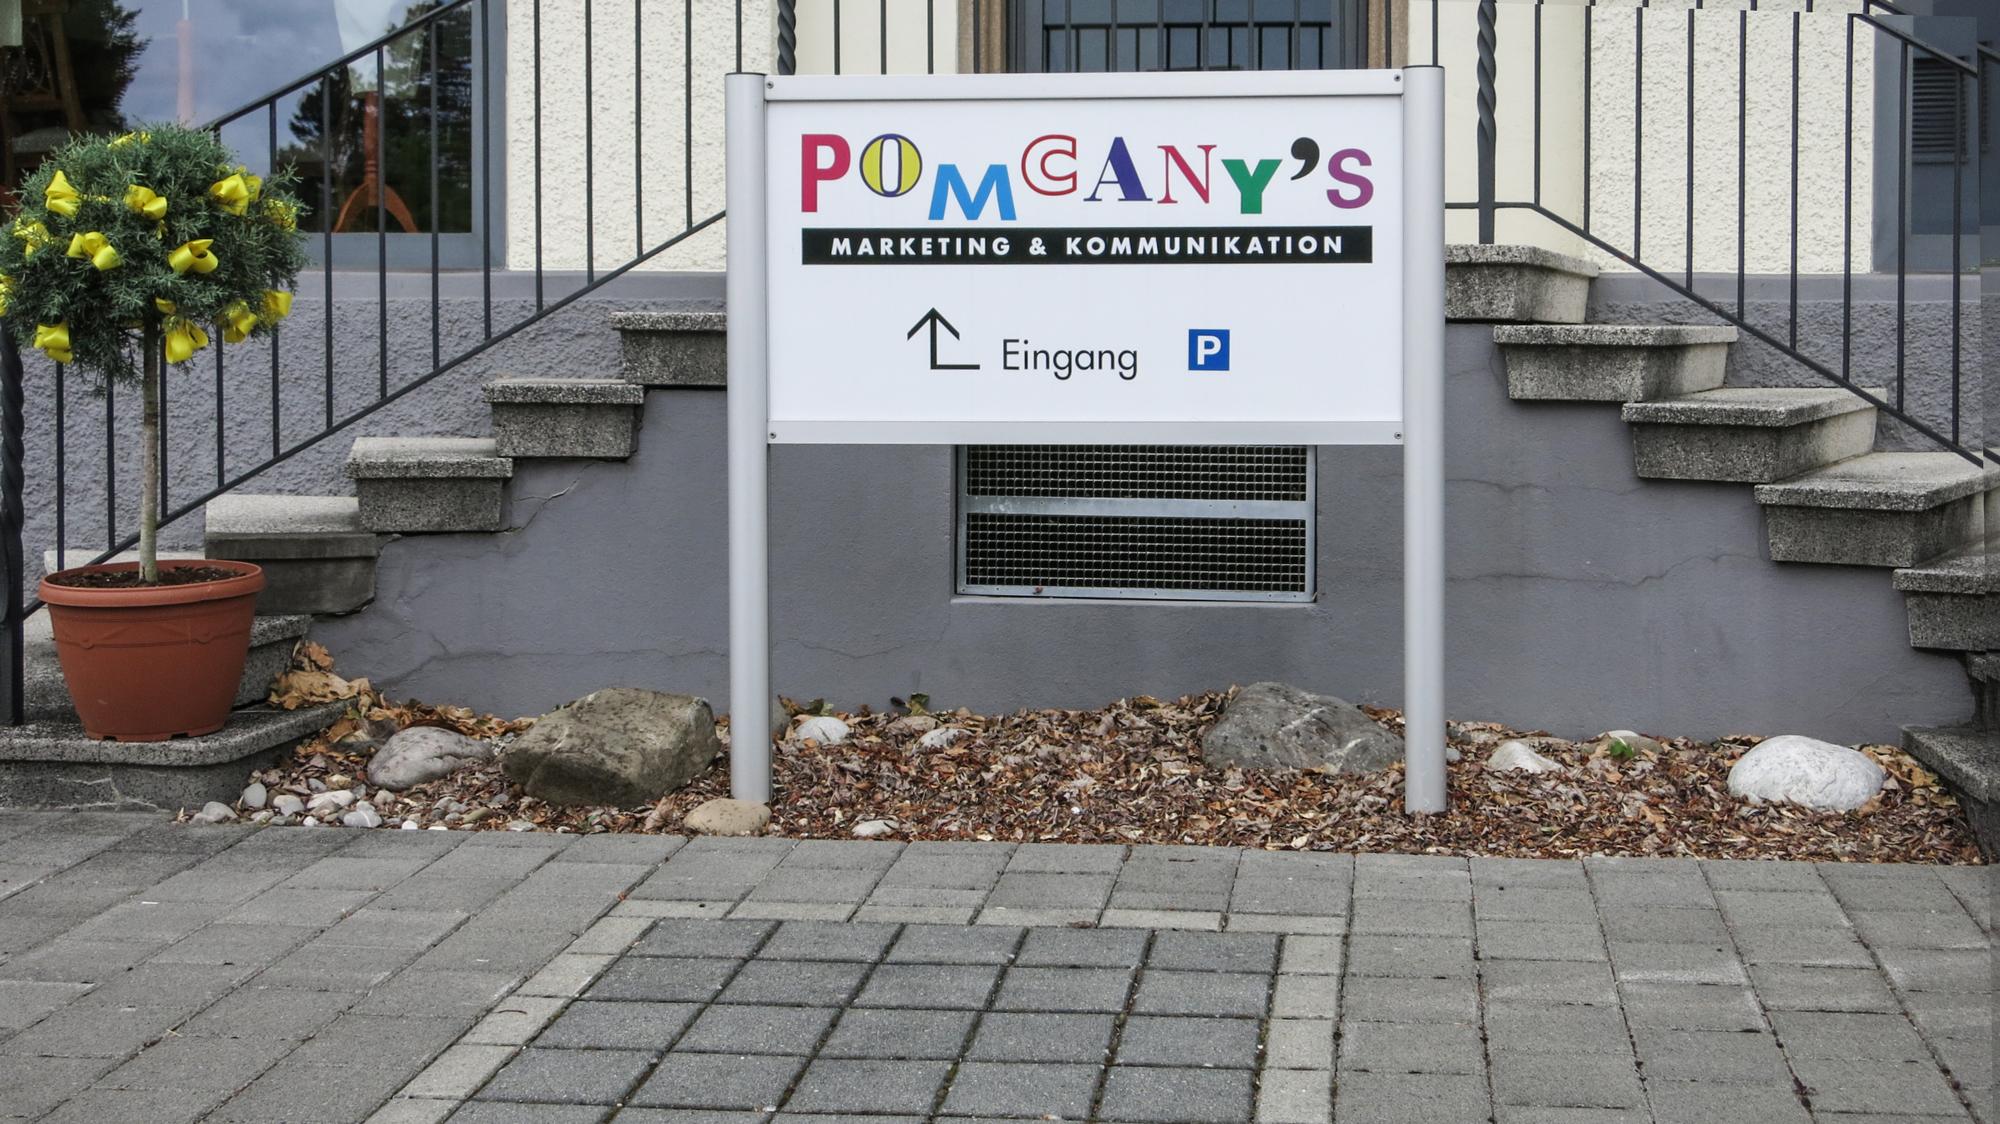 Pomcanys-Staender.jpg